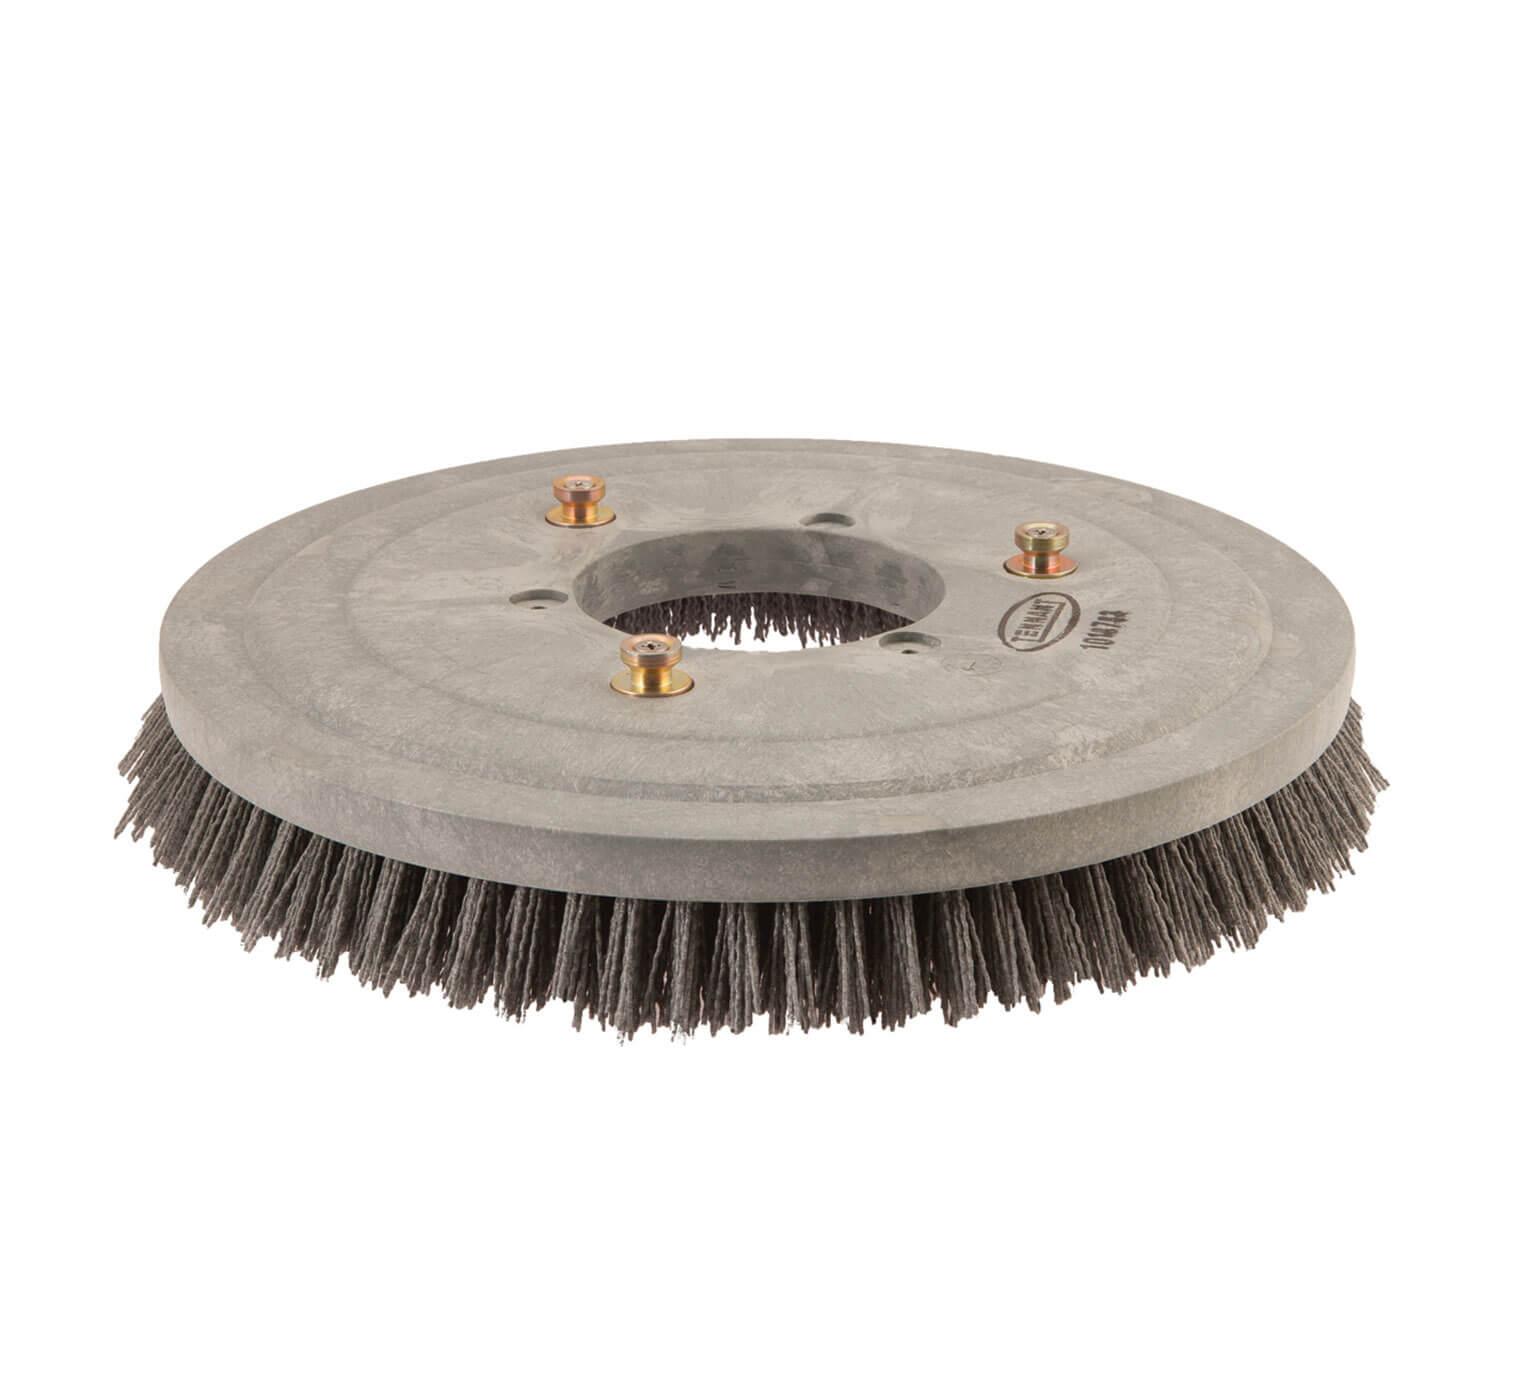 1016763 <br>Абразивная дисковая чистящая щетка в сборе — 17 дюймов / 432 мм